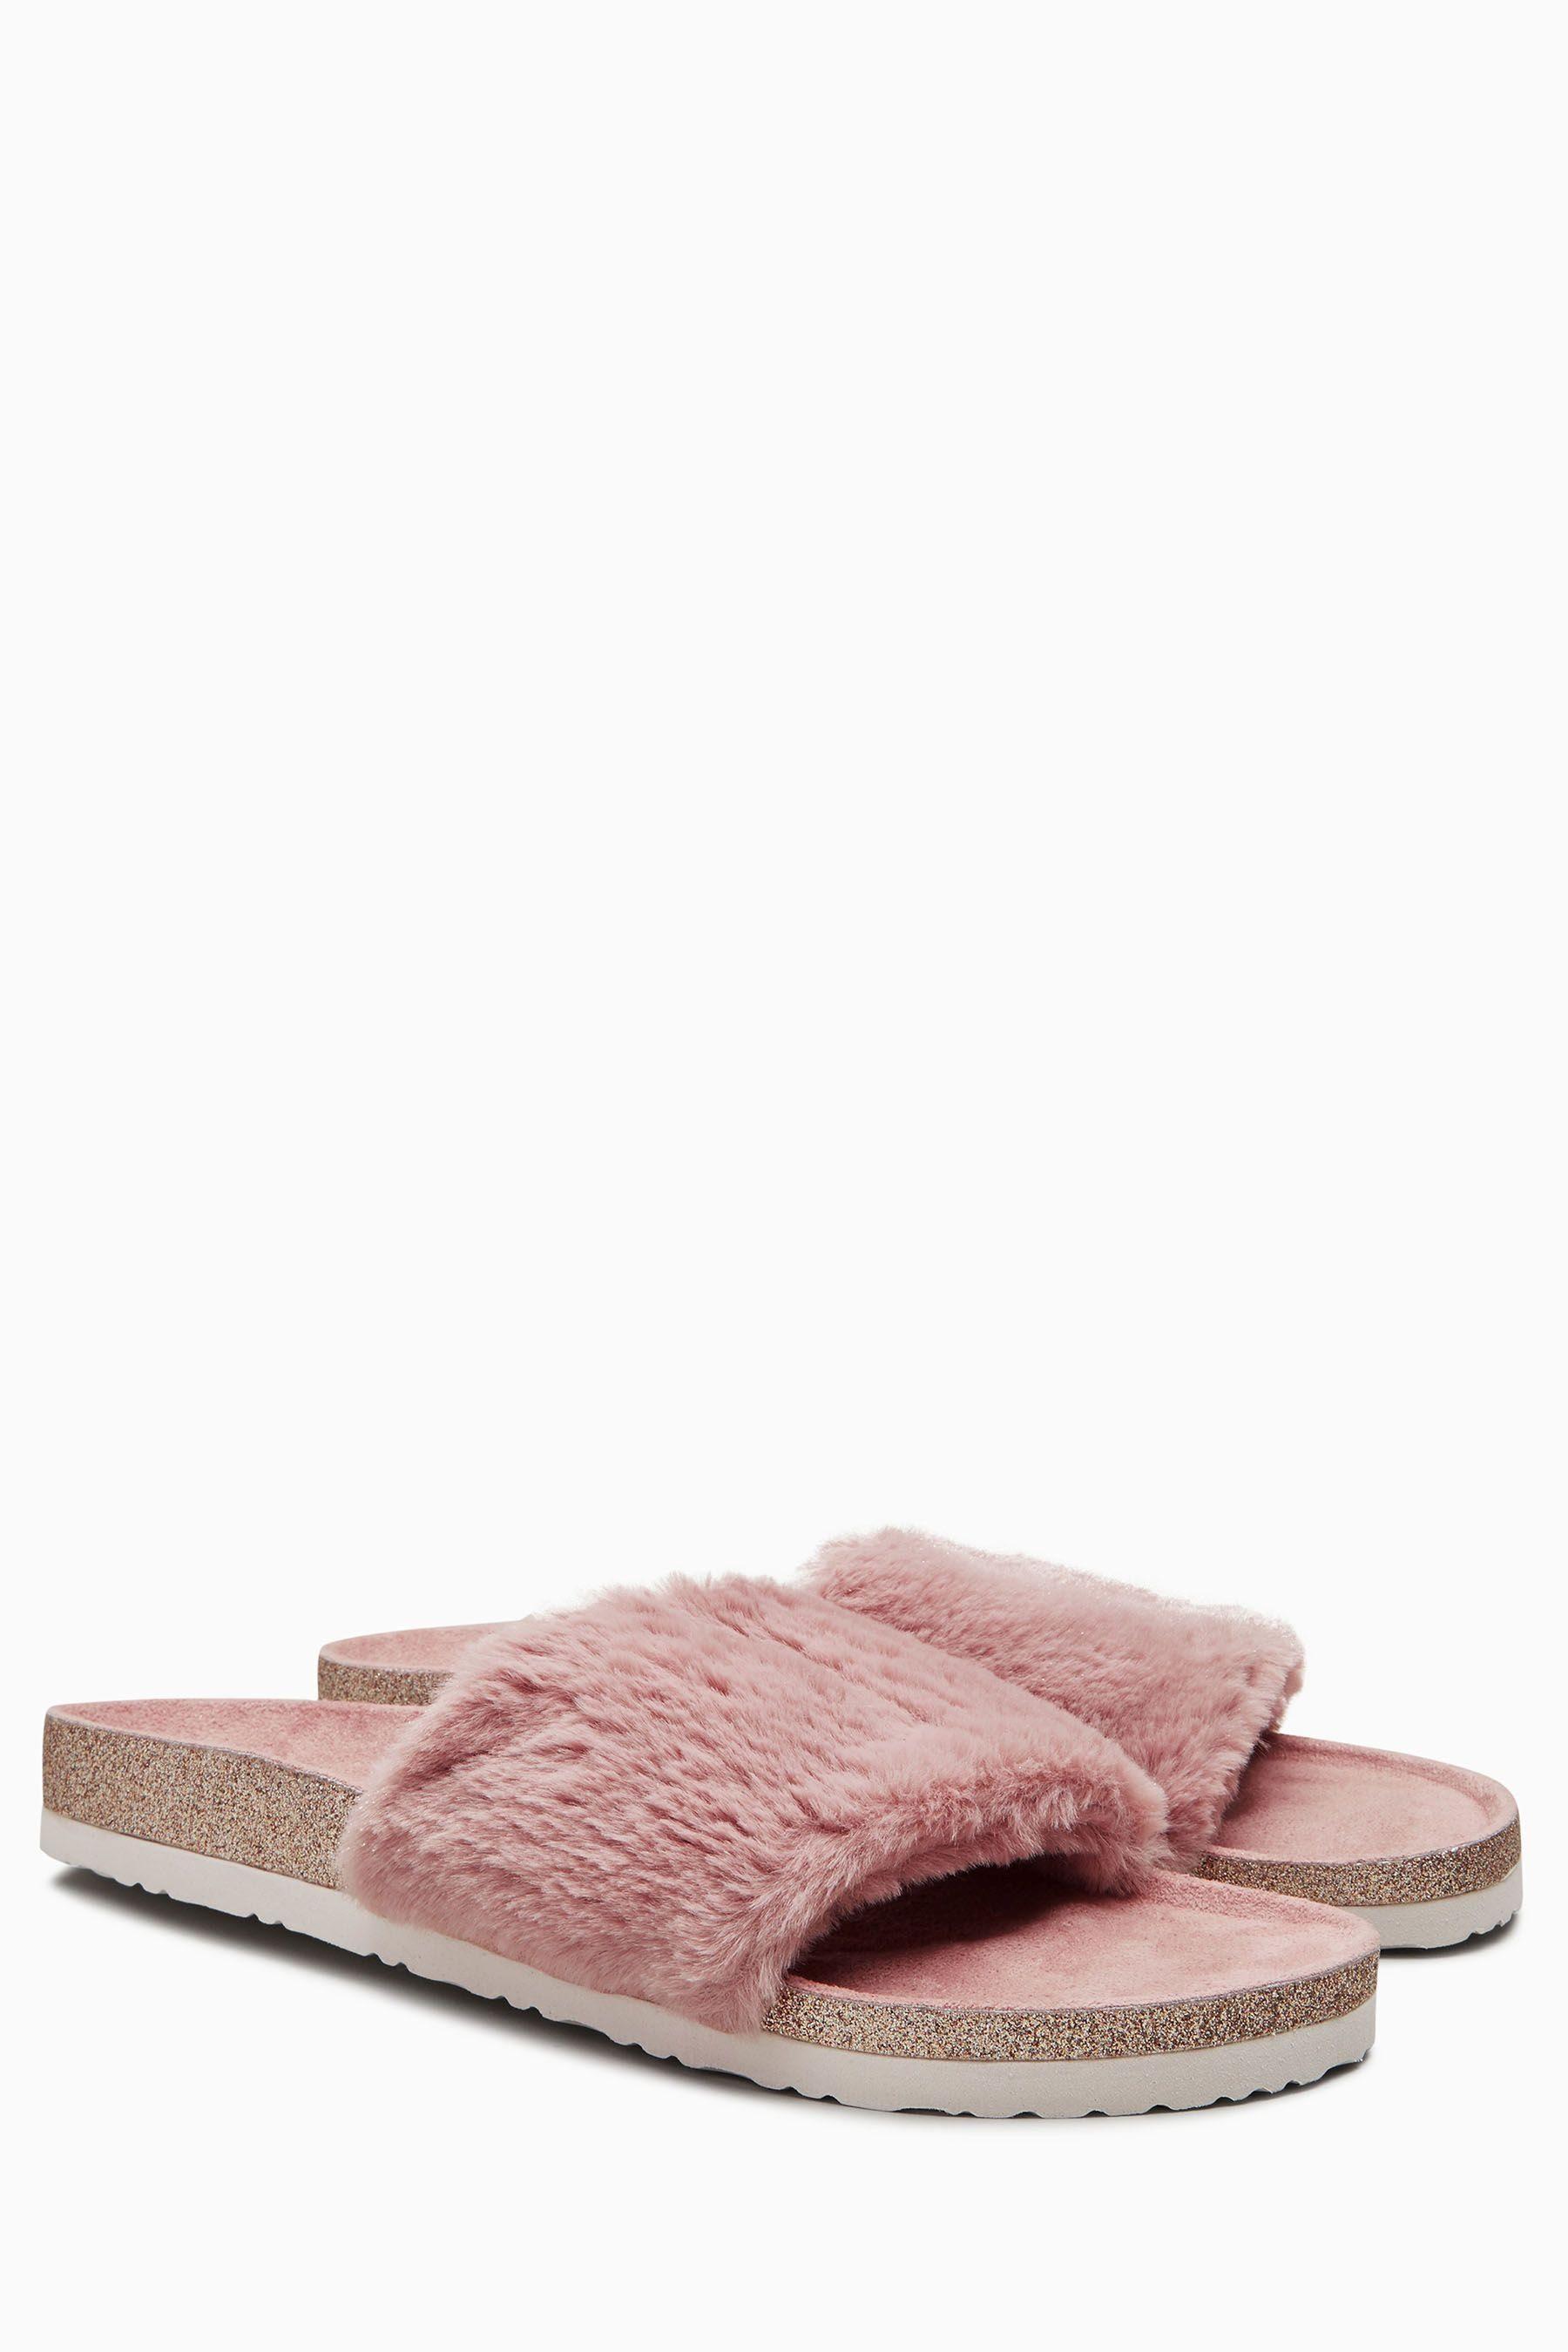 Next Flatform-Sandalen mit Strass, rot, Blush